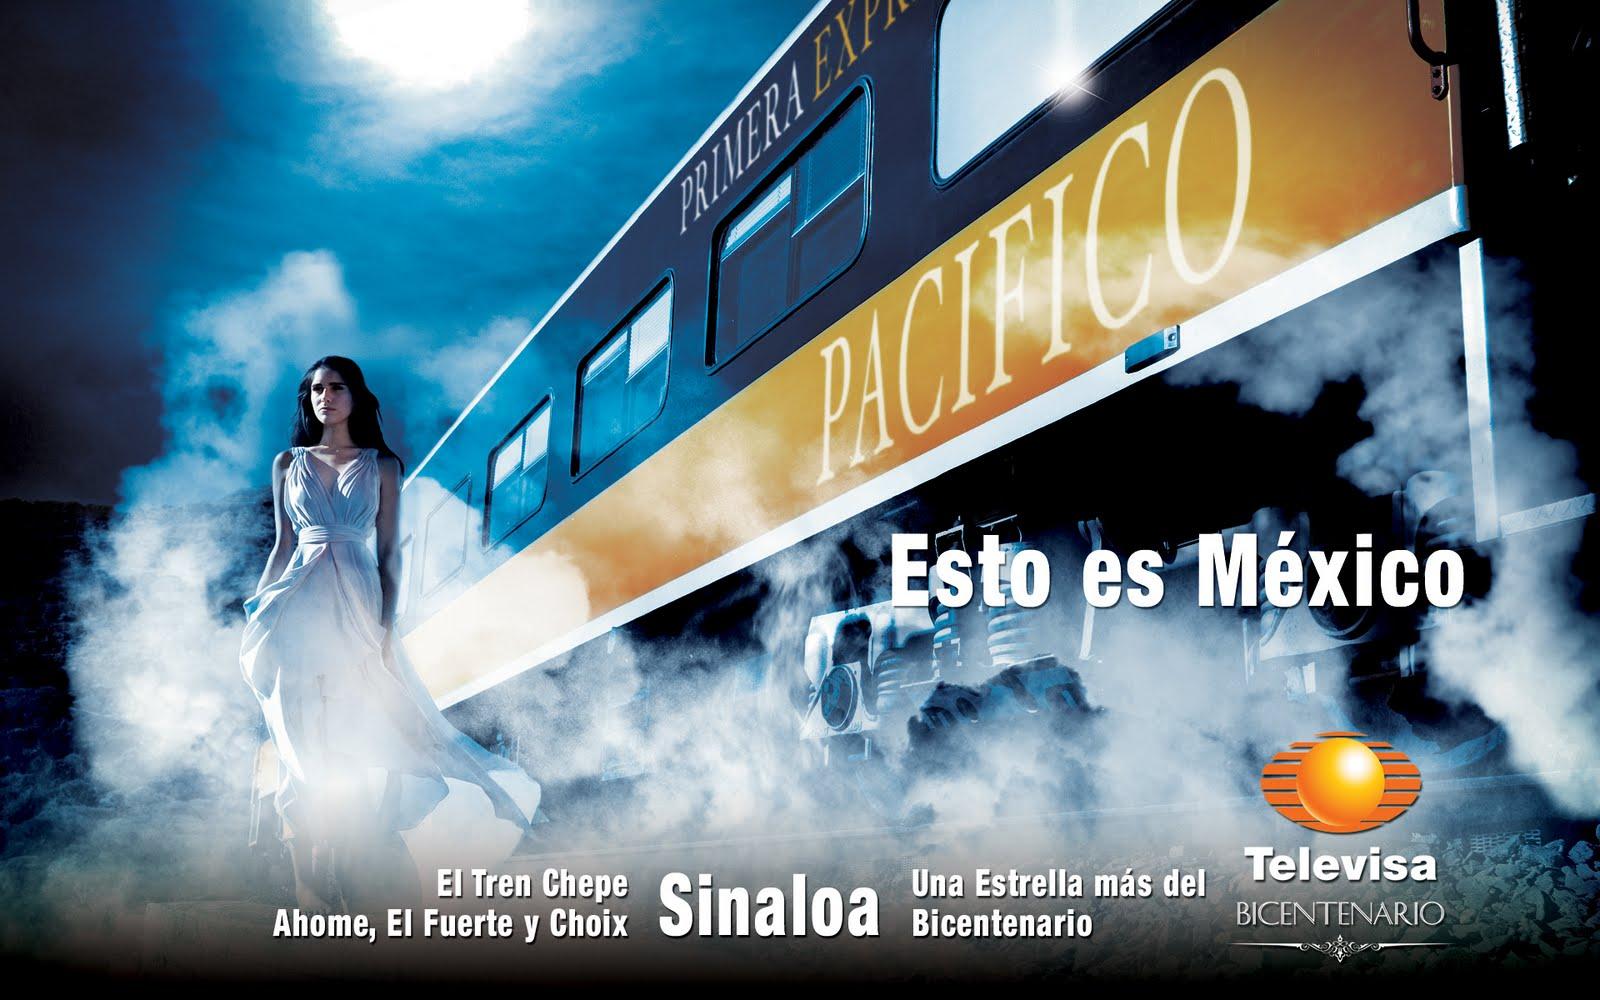 http://4.bp.blogspot.com/_DXPmhYwKhEA/TDzyY4eS_-I/AAAAAAAAACM/VgZrx57x4J4/s1600/Sinaloatrenchepe.jpg